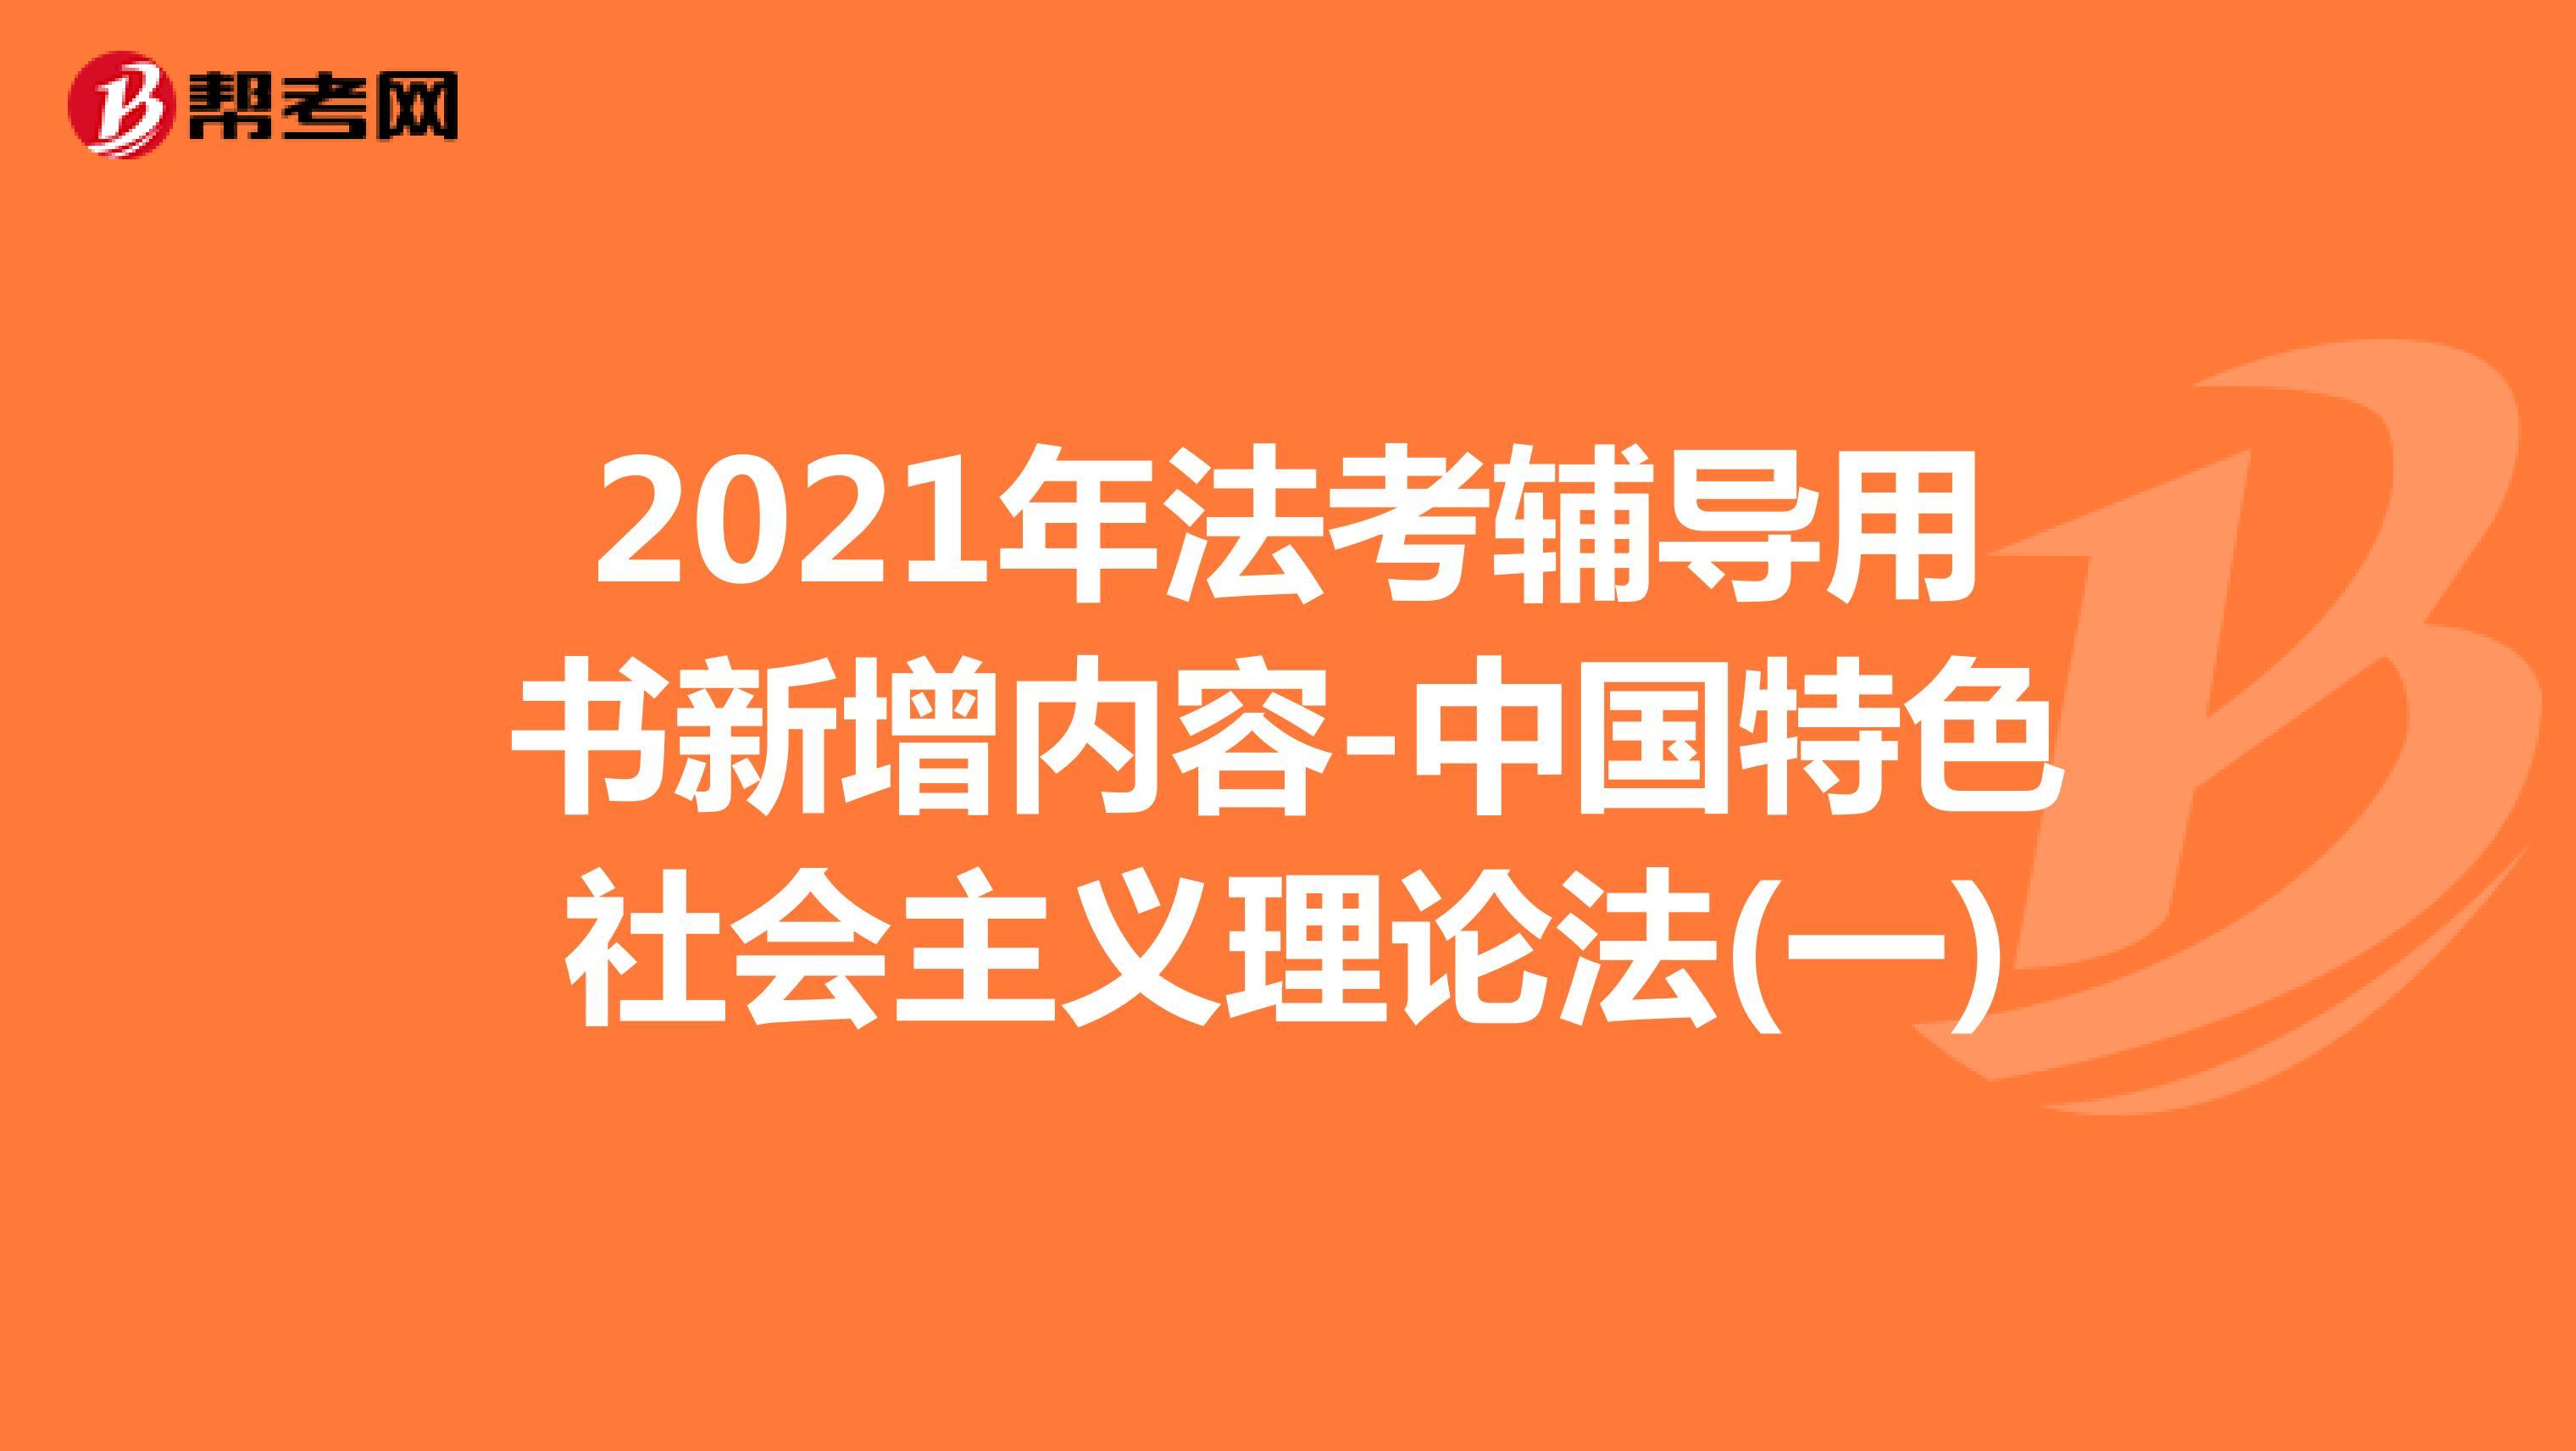 2021年法考辅导用书新增内容-中国特色社会主义理论法(一)